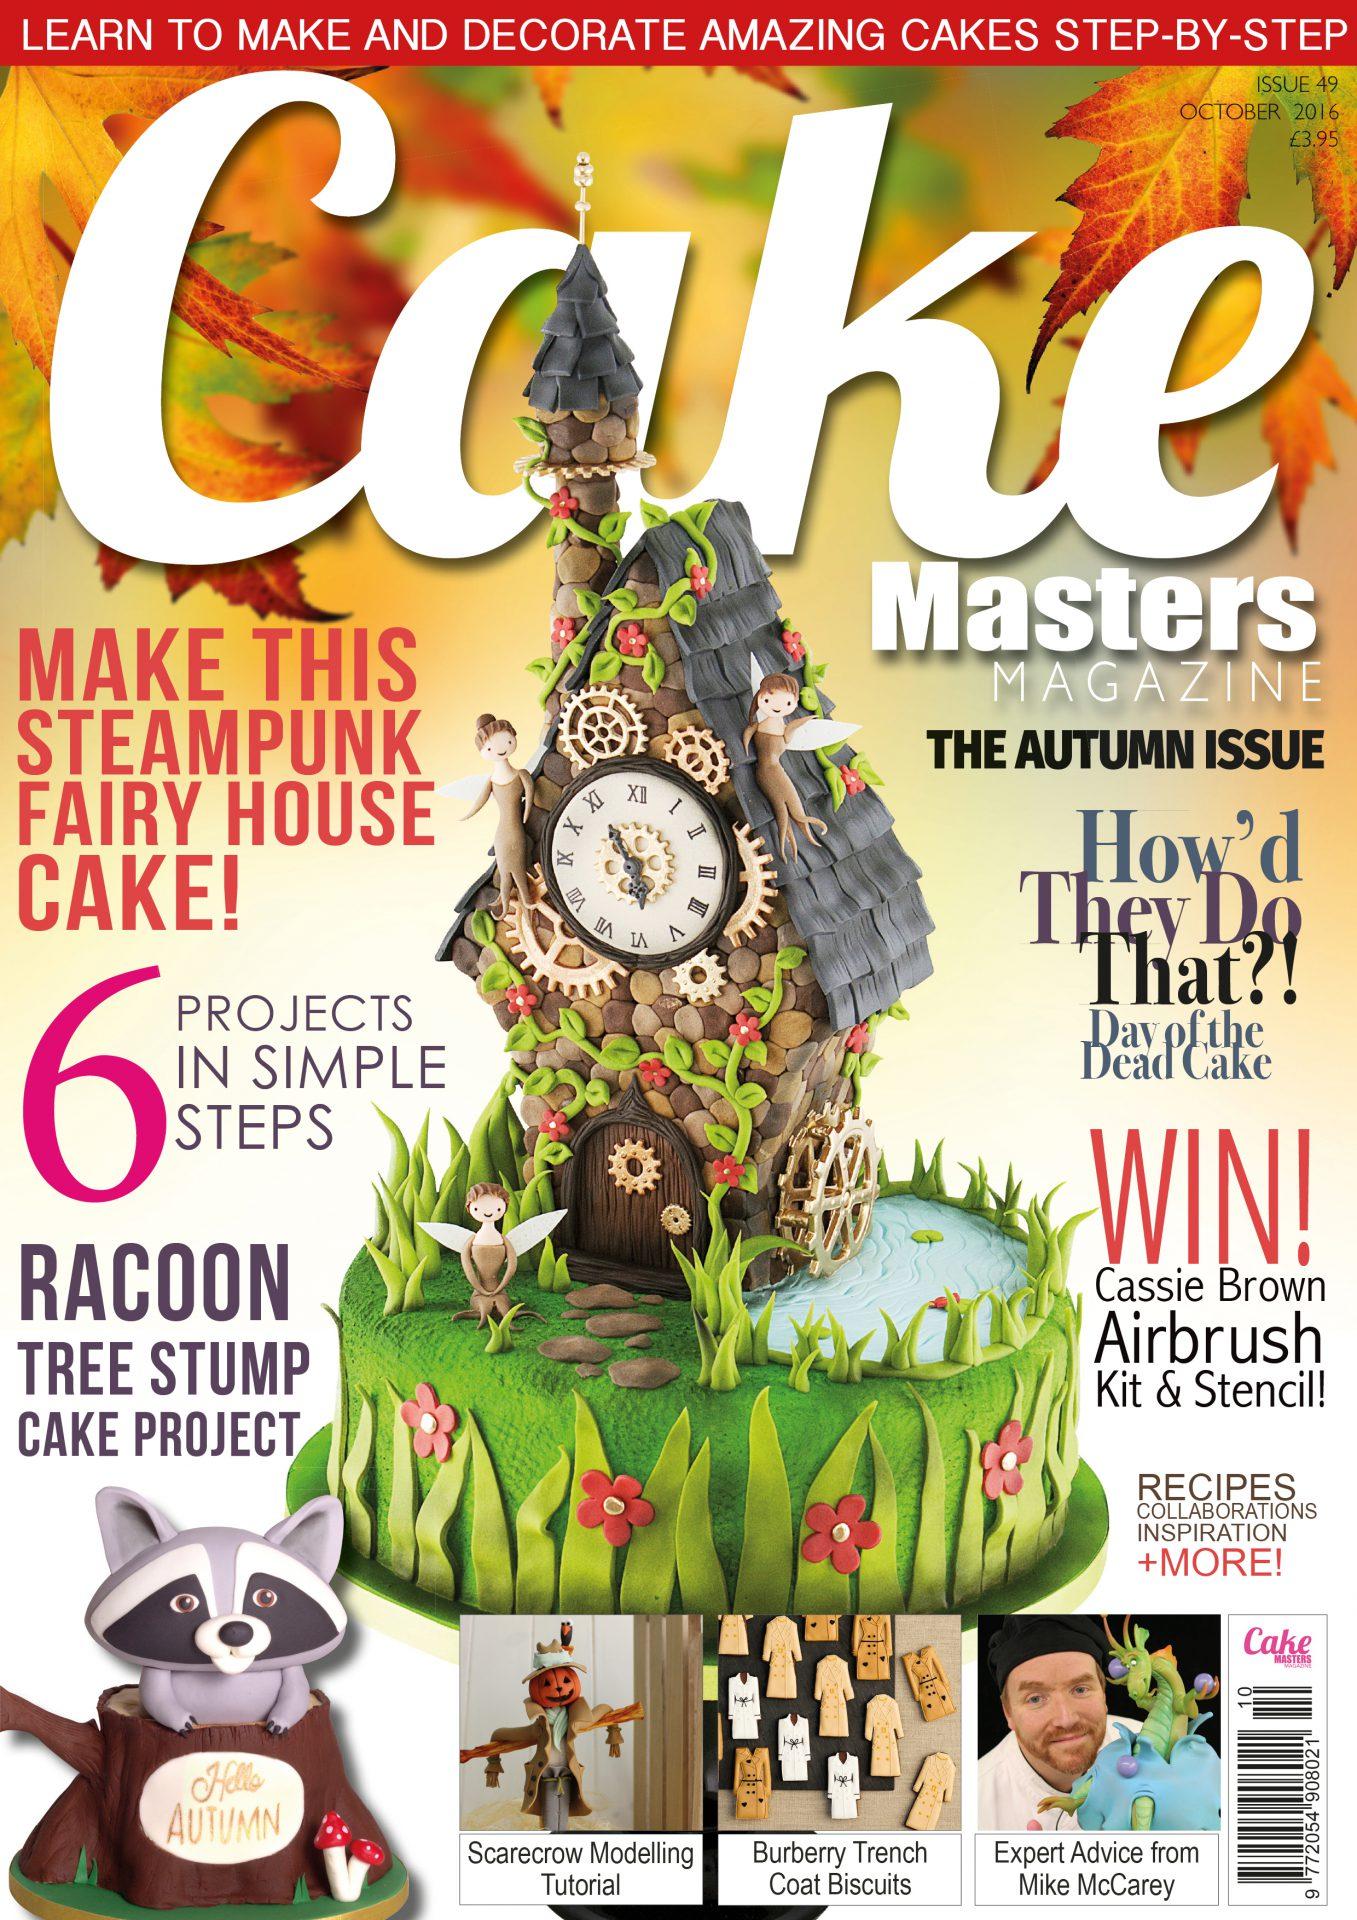 cake-masters-magazine-october-2016